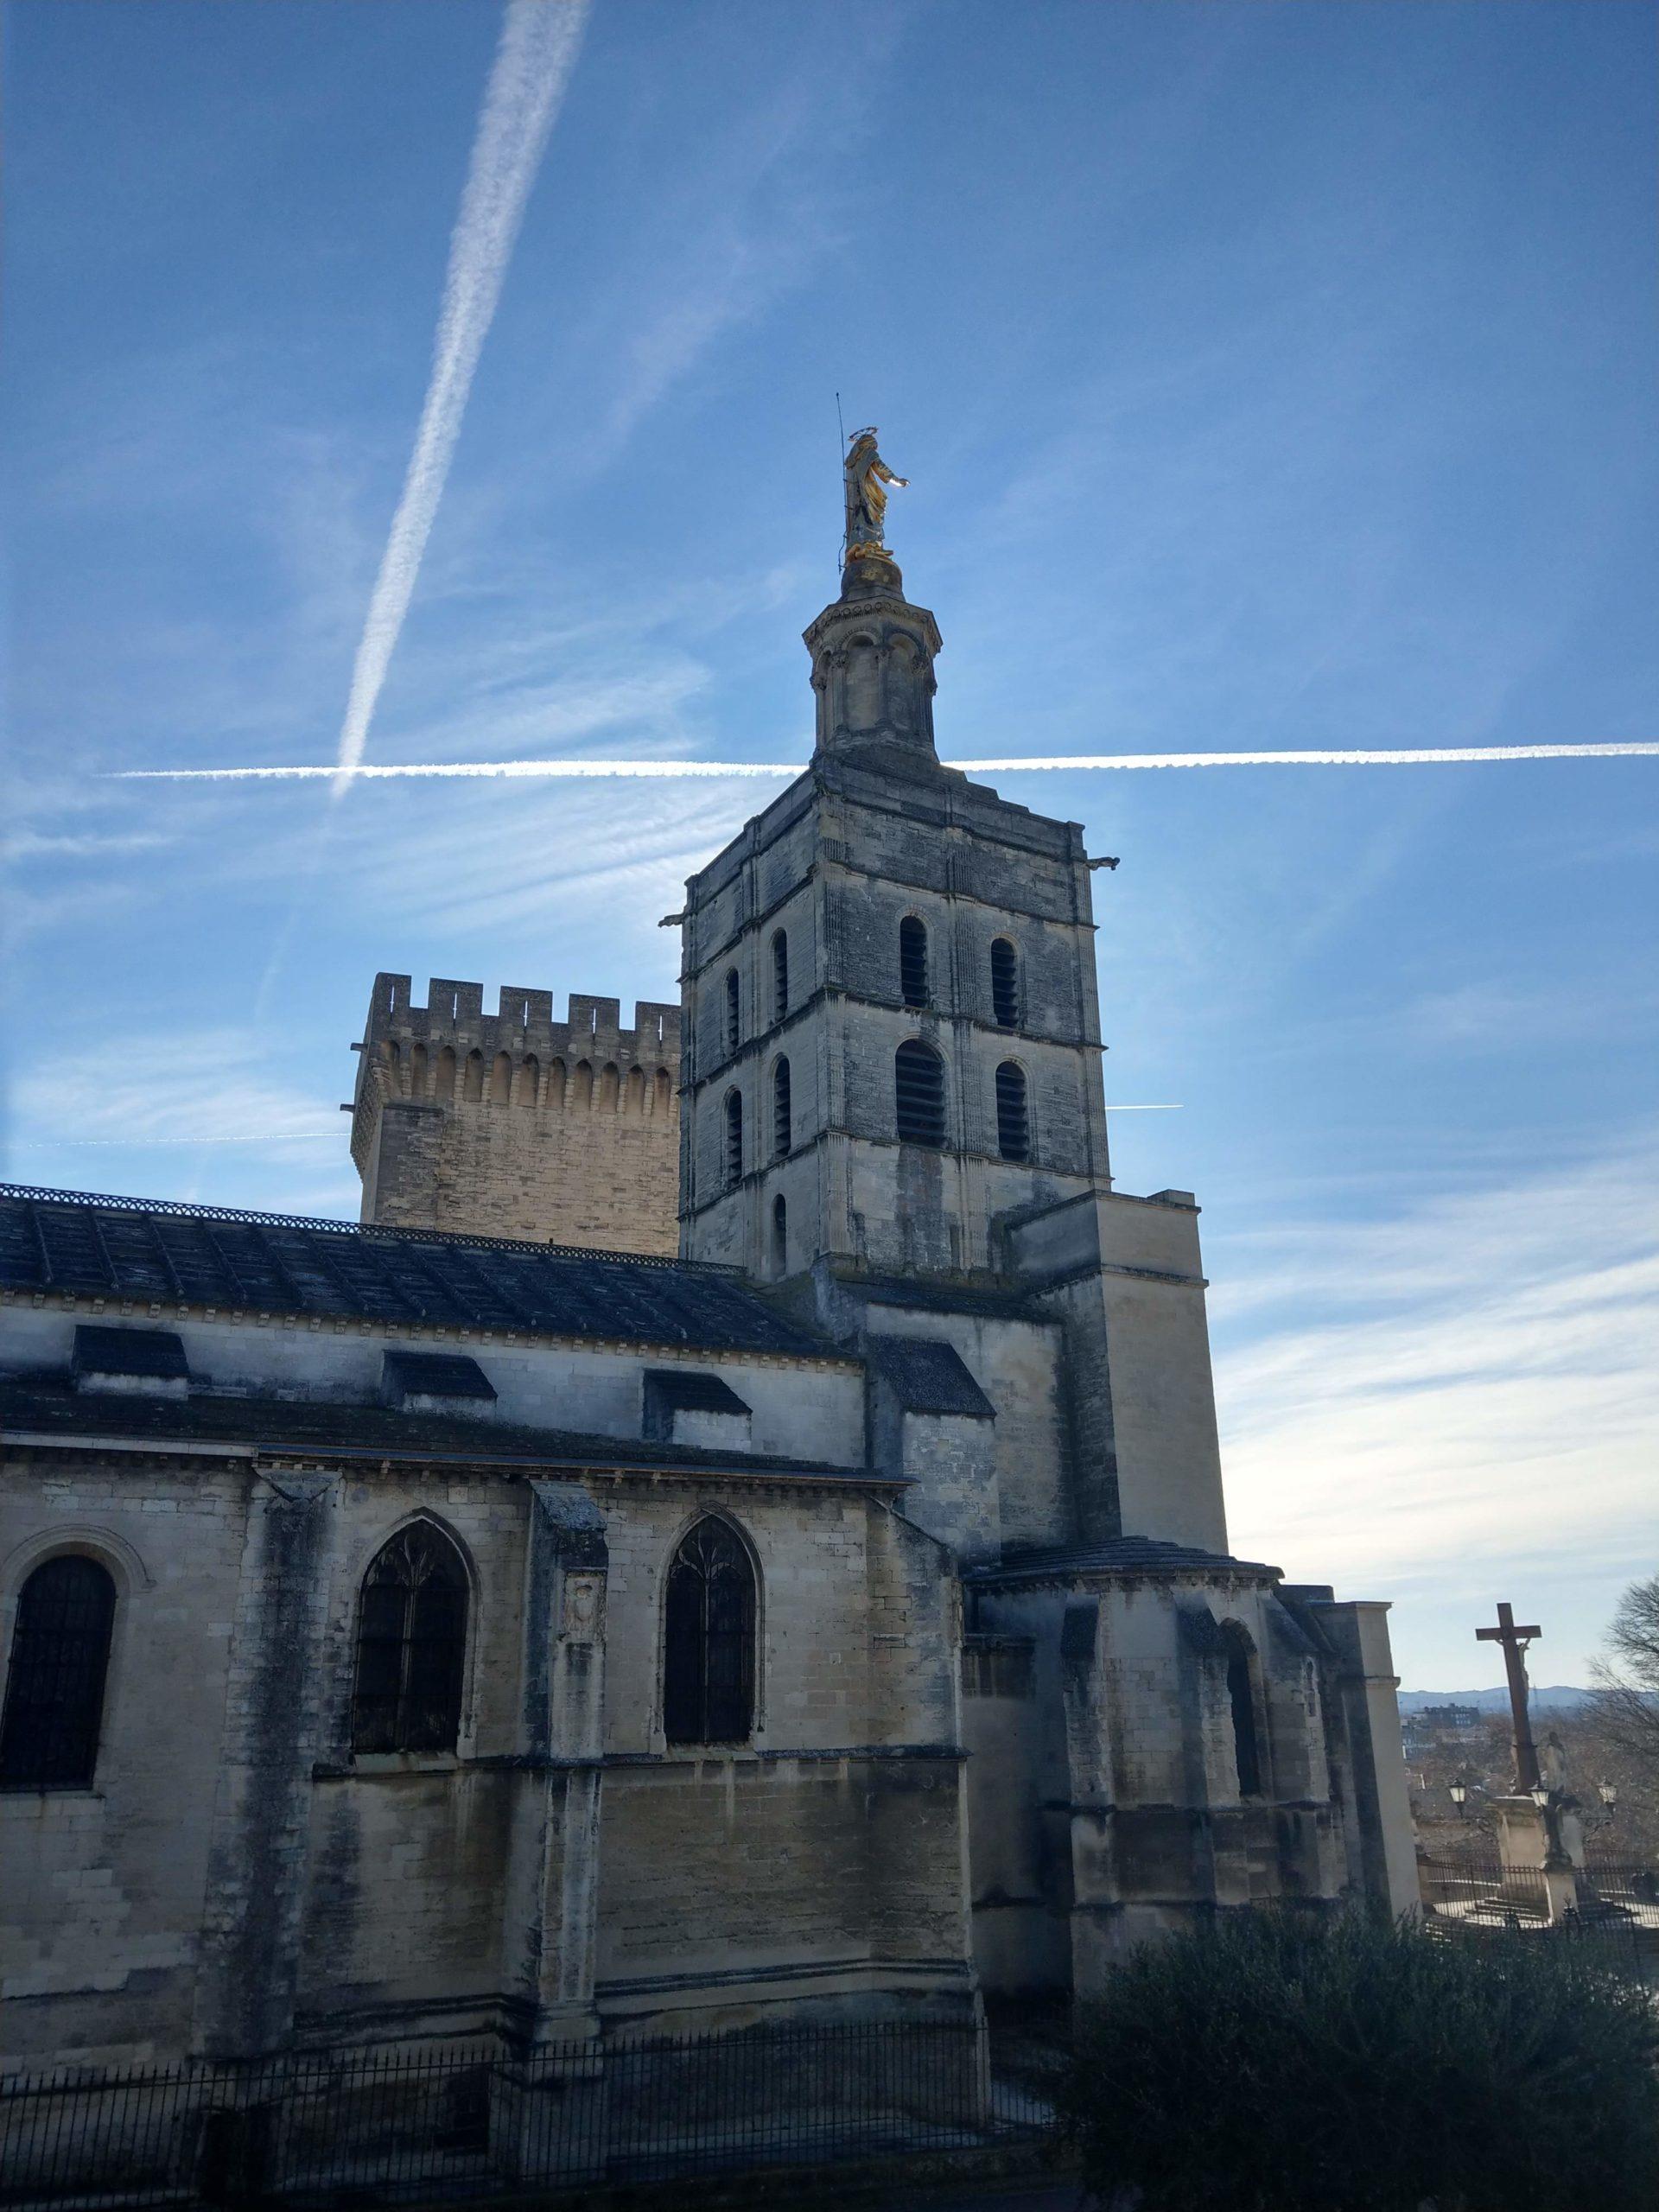 La Cathédrale Notre-Dame des Doms à proximité du Palais des Papes